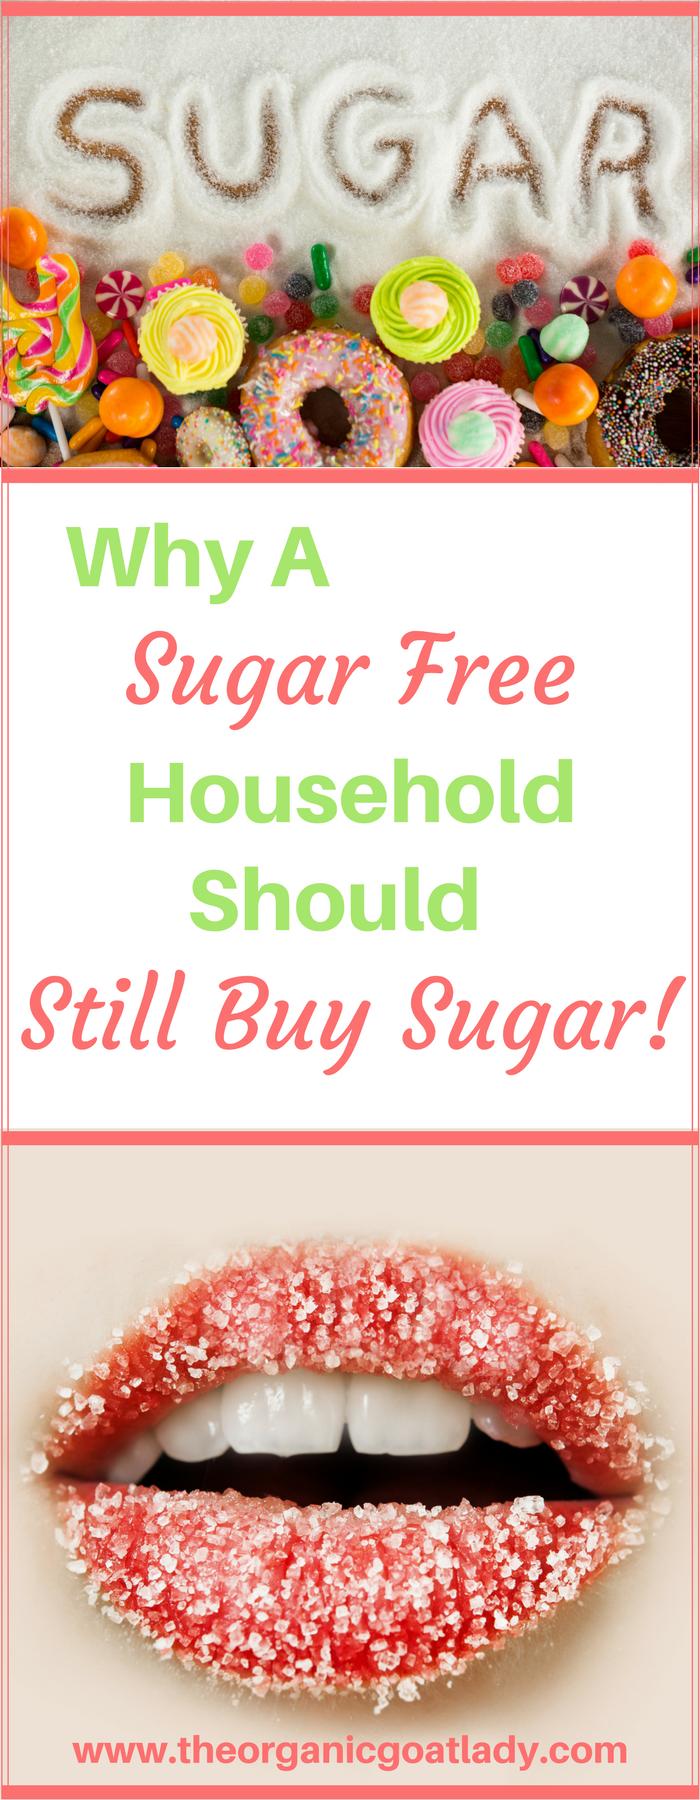 Why A Sugar Free Household Should Still Buy Sugar!